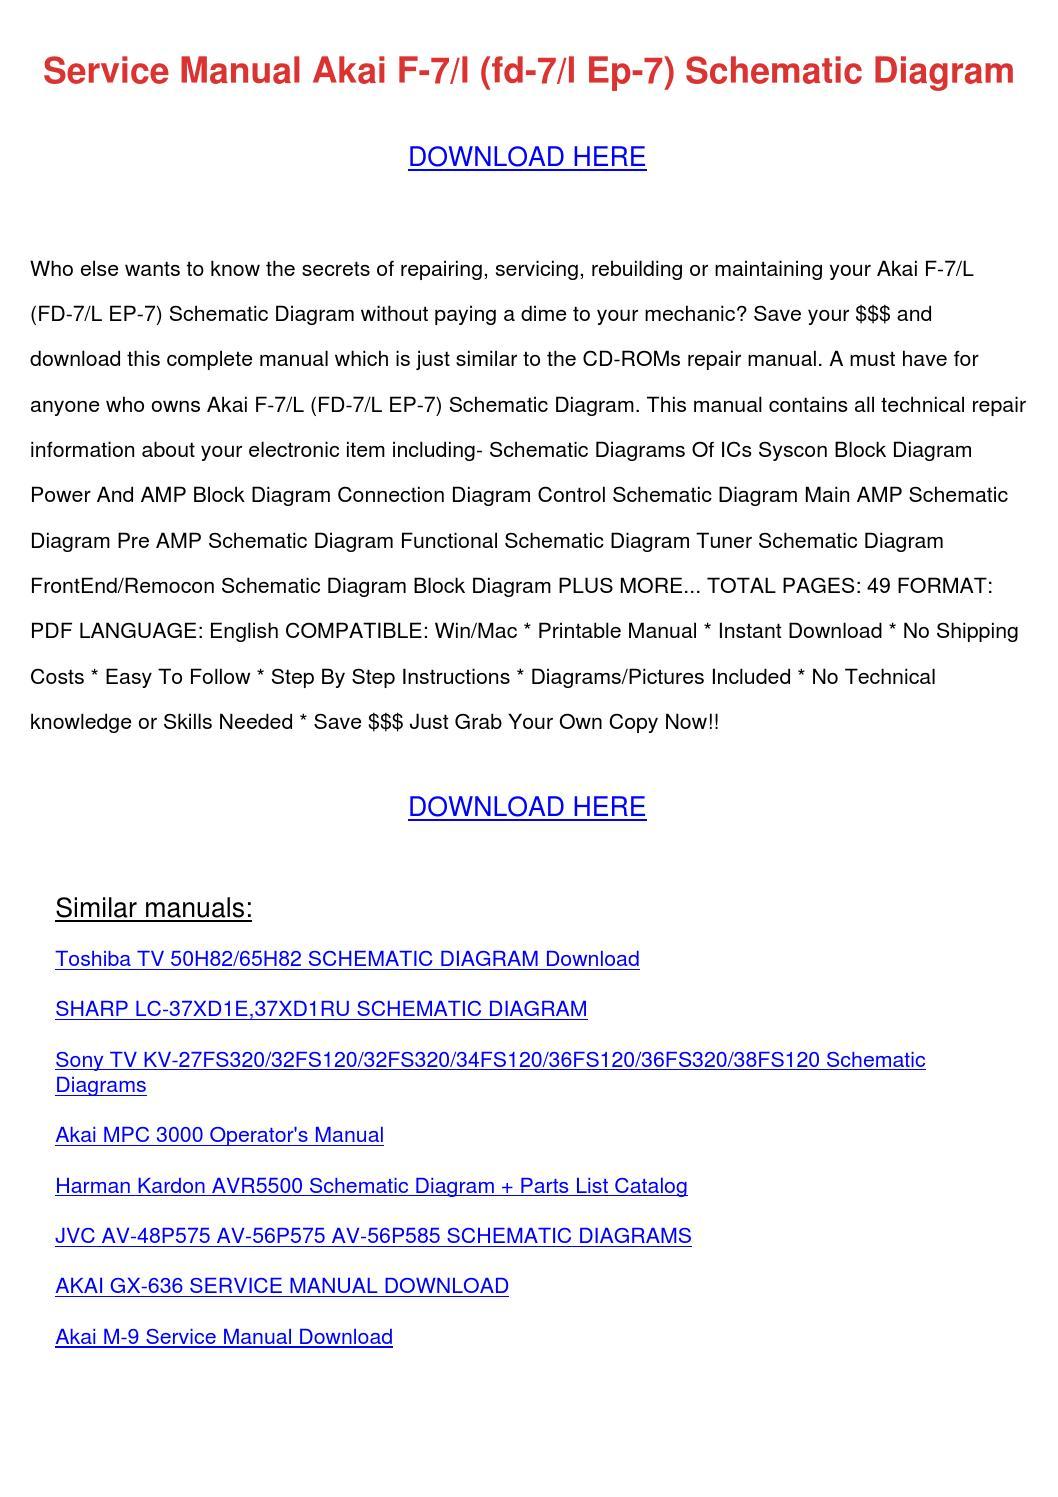 Service Manual Akai F 7l Fd 7l Ep 7 Schematic by ReginaPrater - issuu